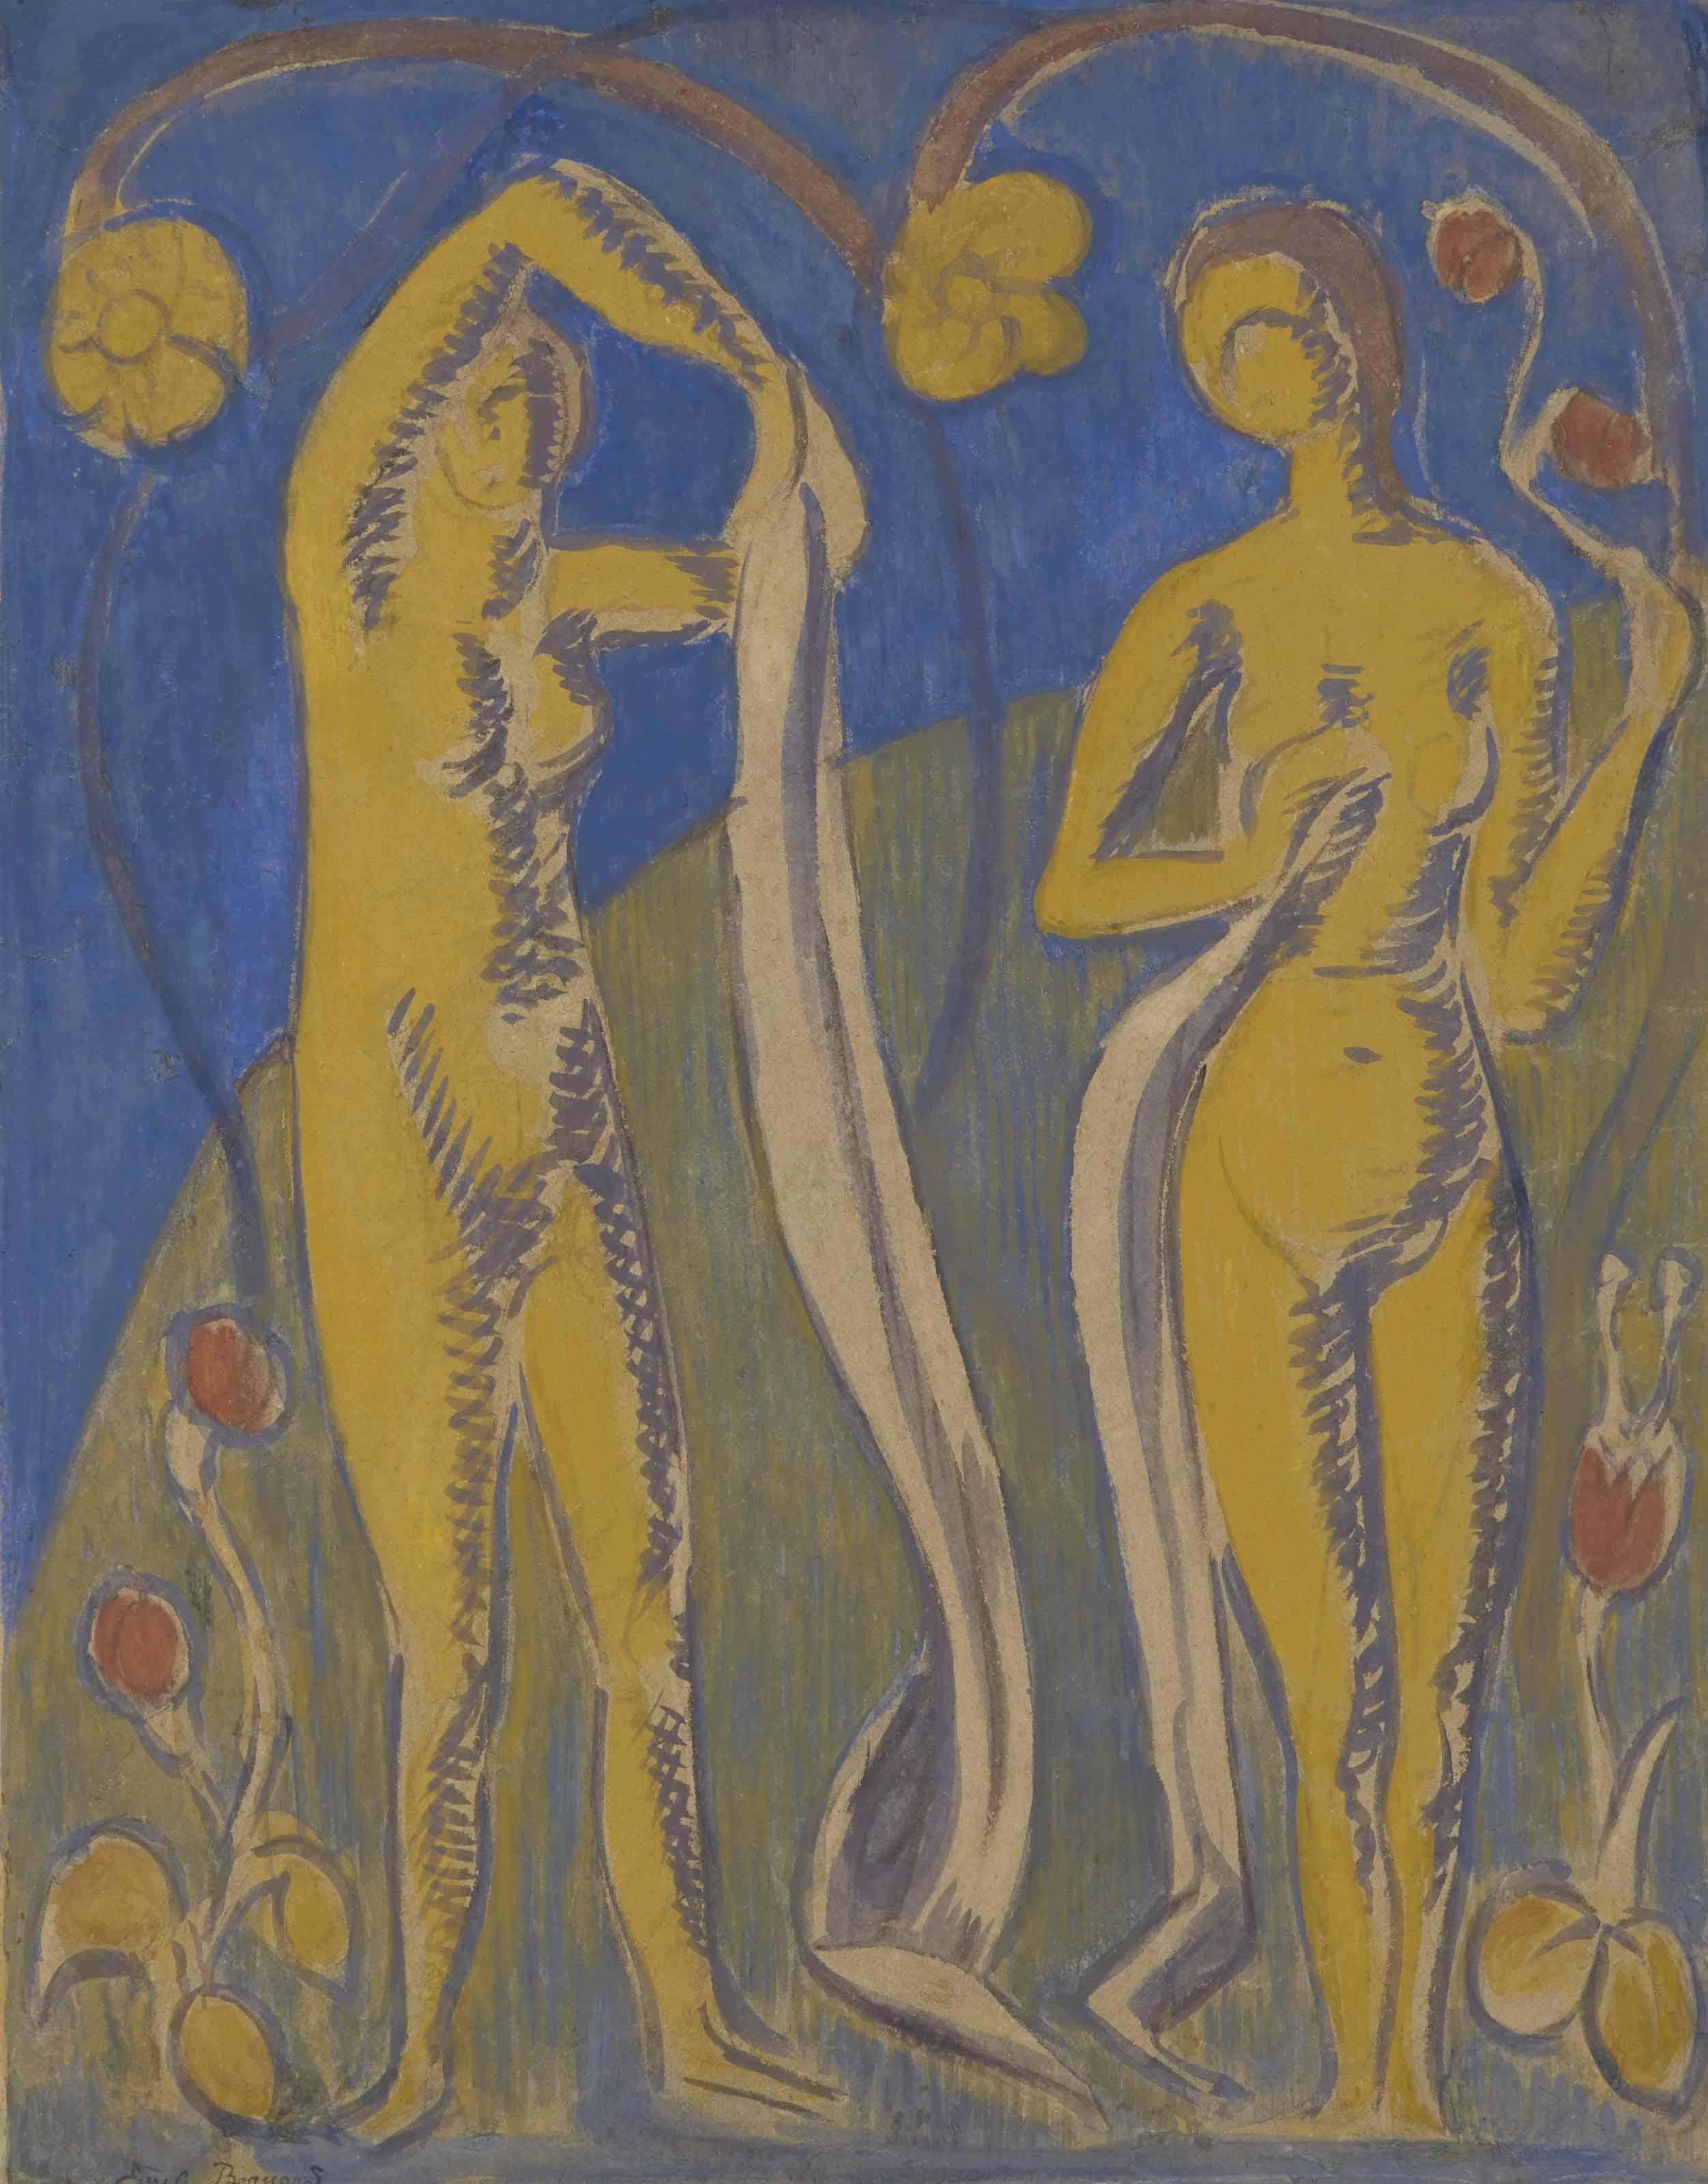 Femmes nues sur fonds bleus